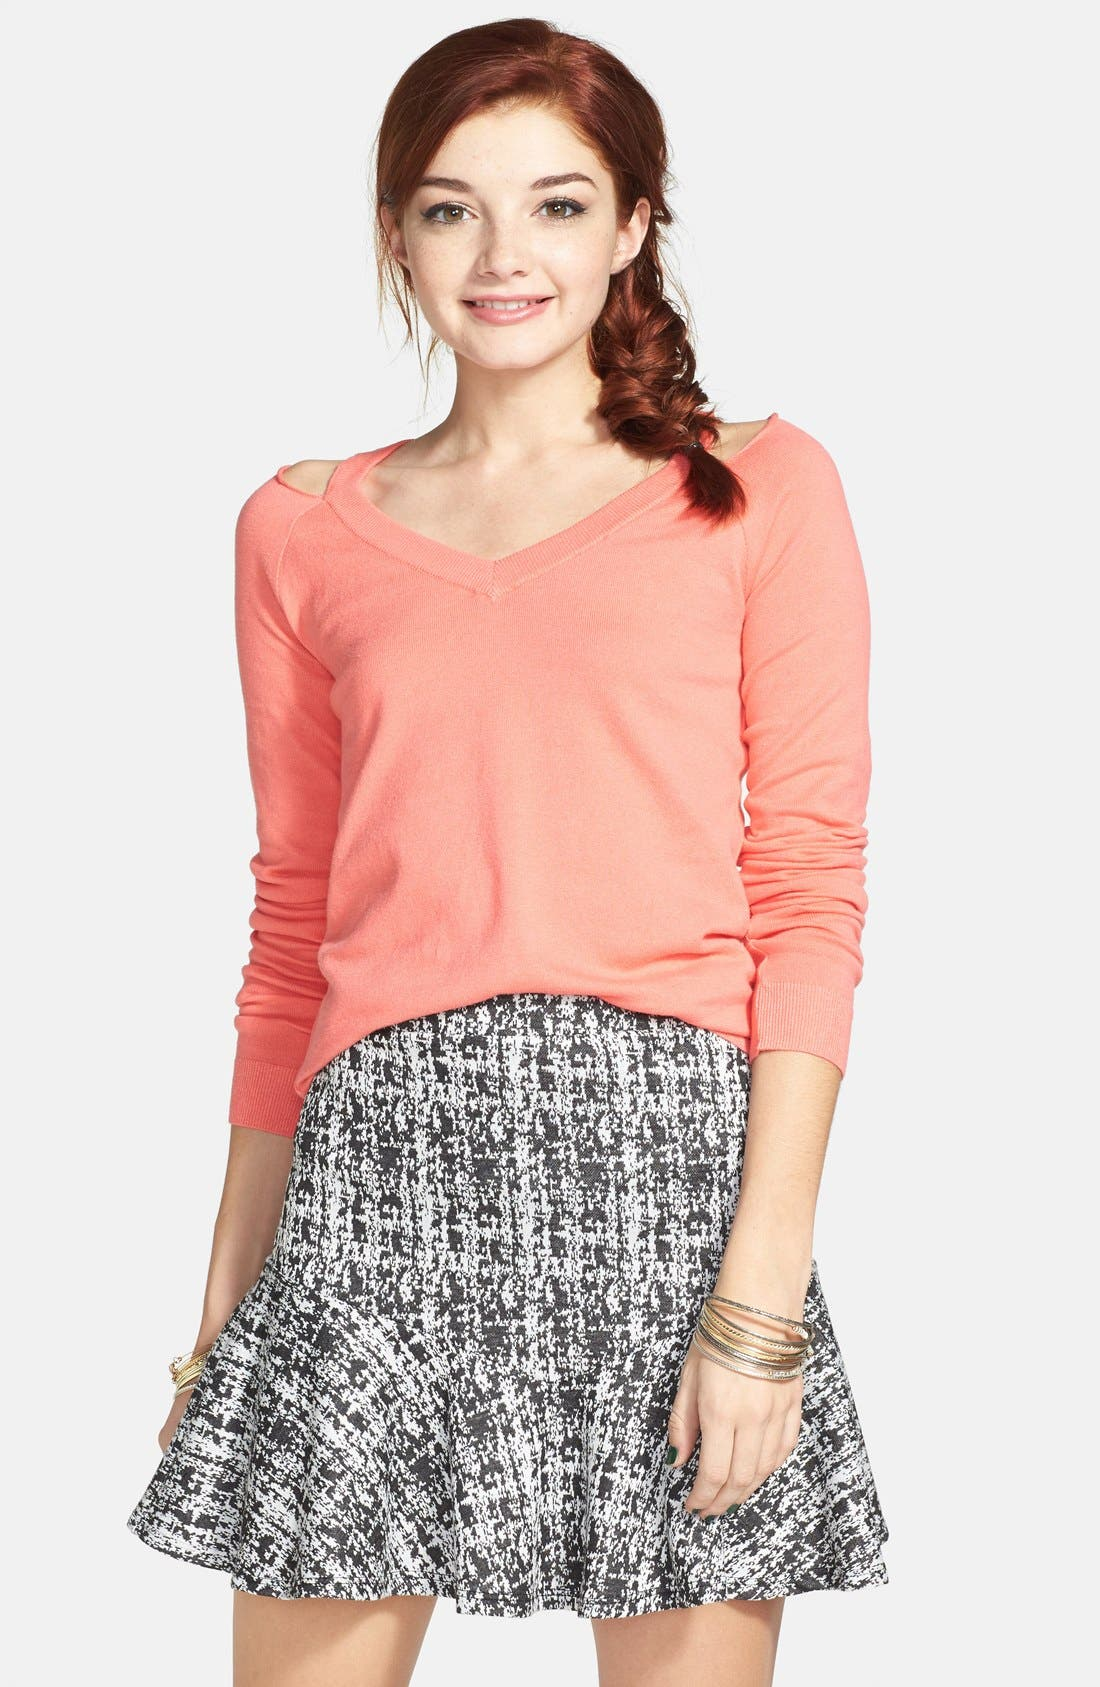 Ruffle Peplum Skirt, Main, color, 001